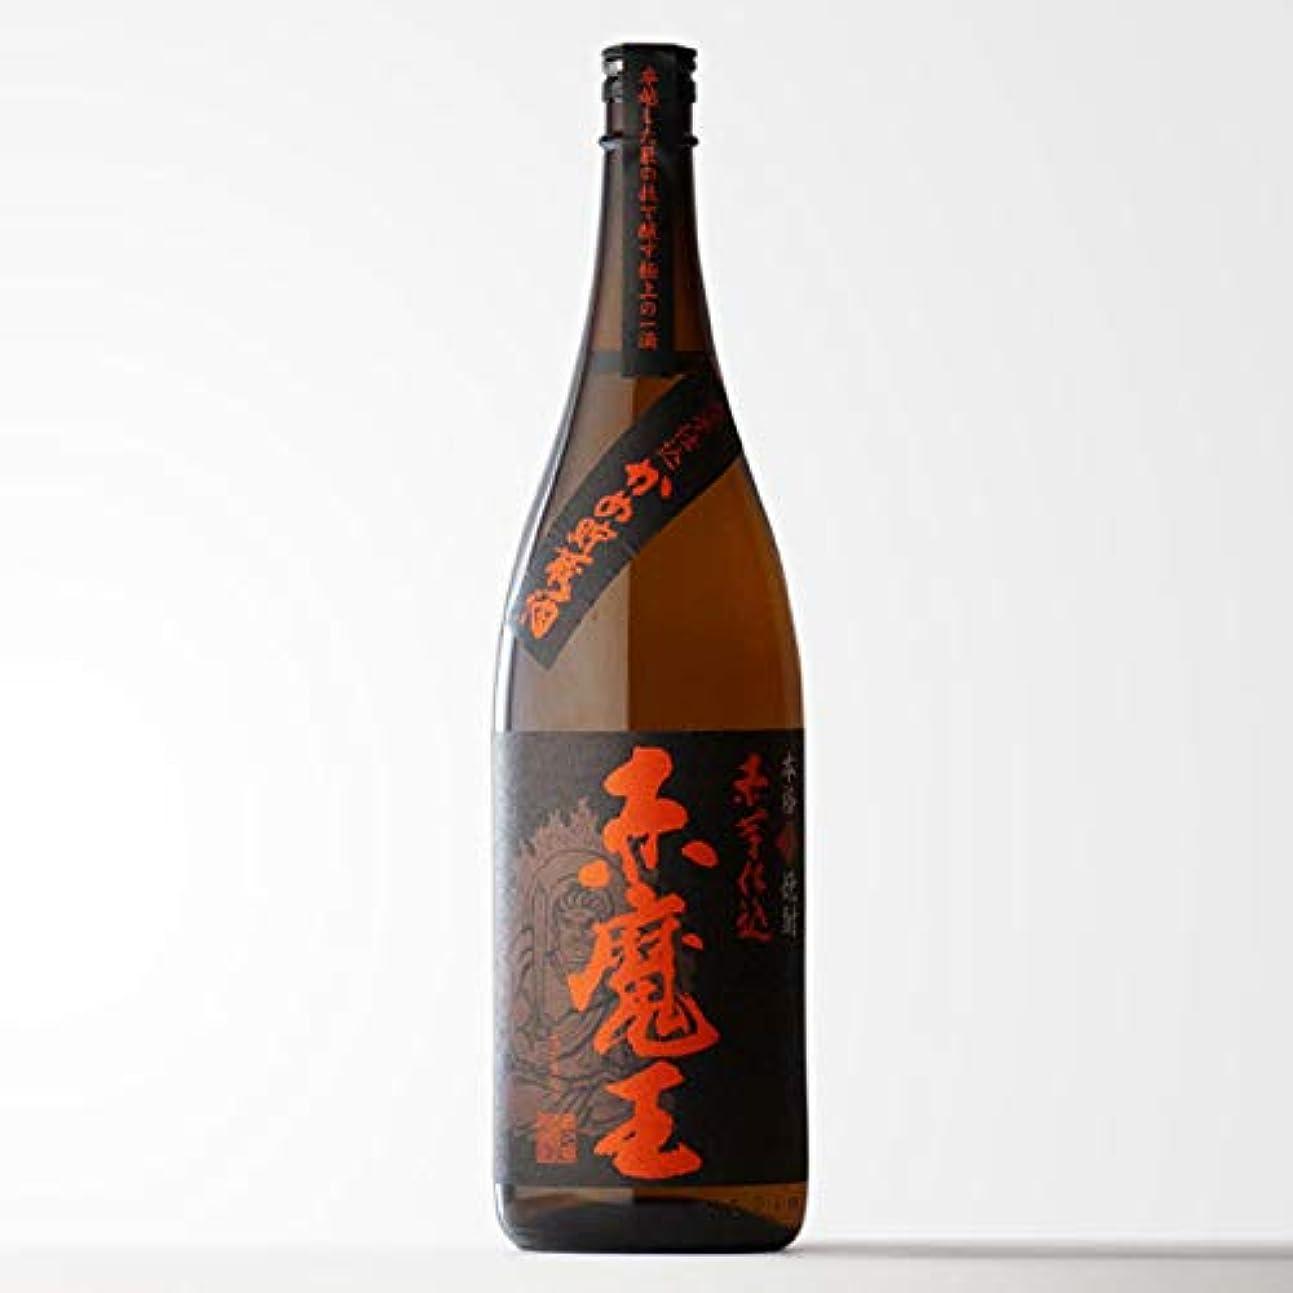 アイザック印象的な緊急櫻の郷酒造 赤魔王 25度 1800ml 1本